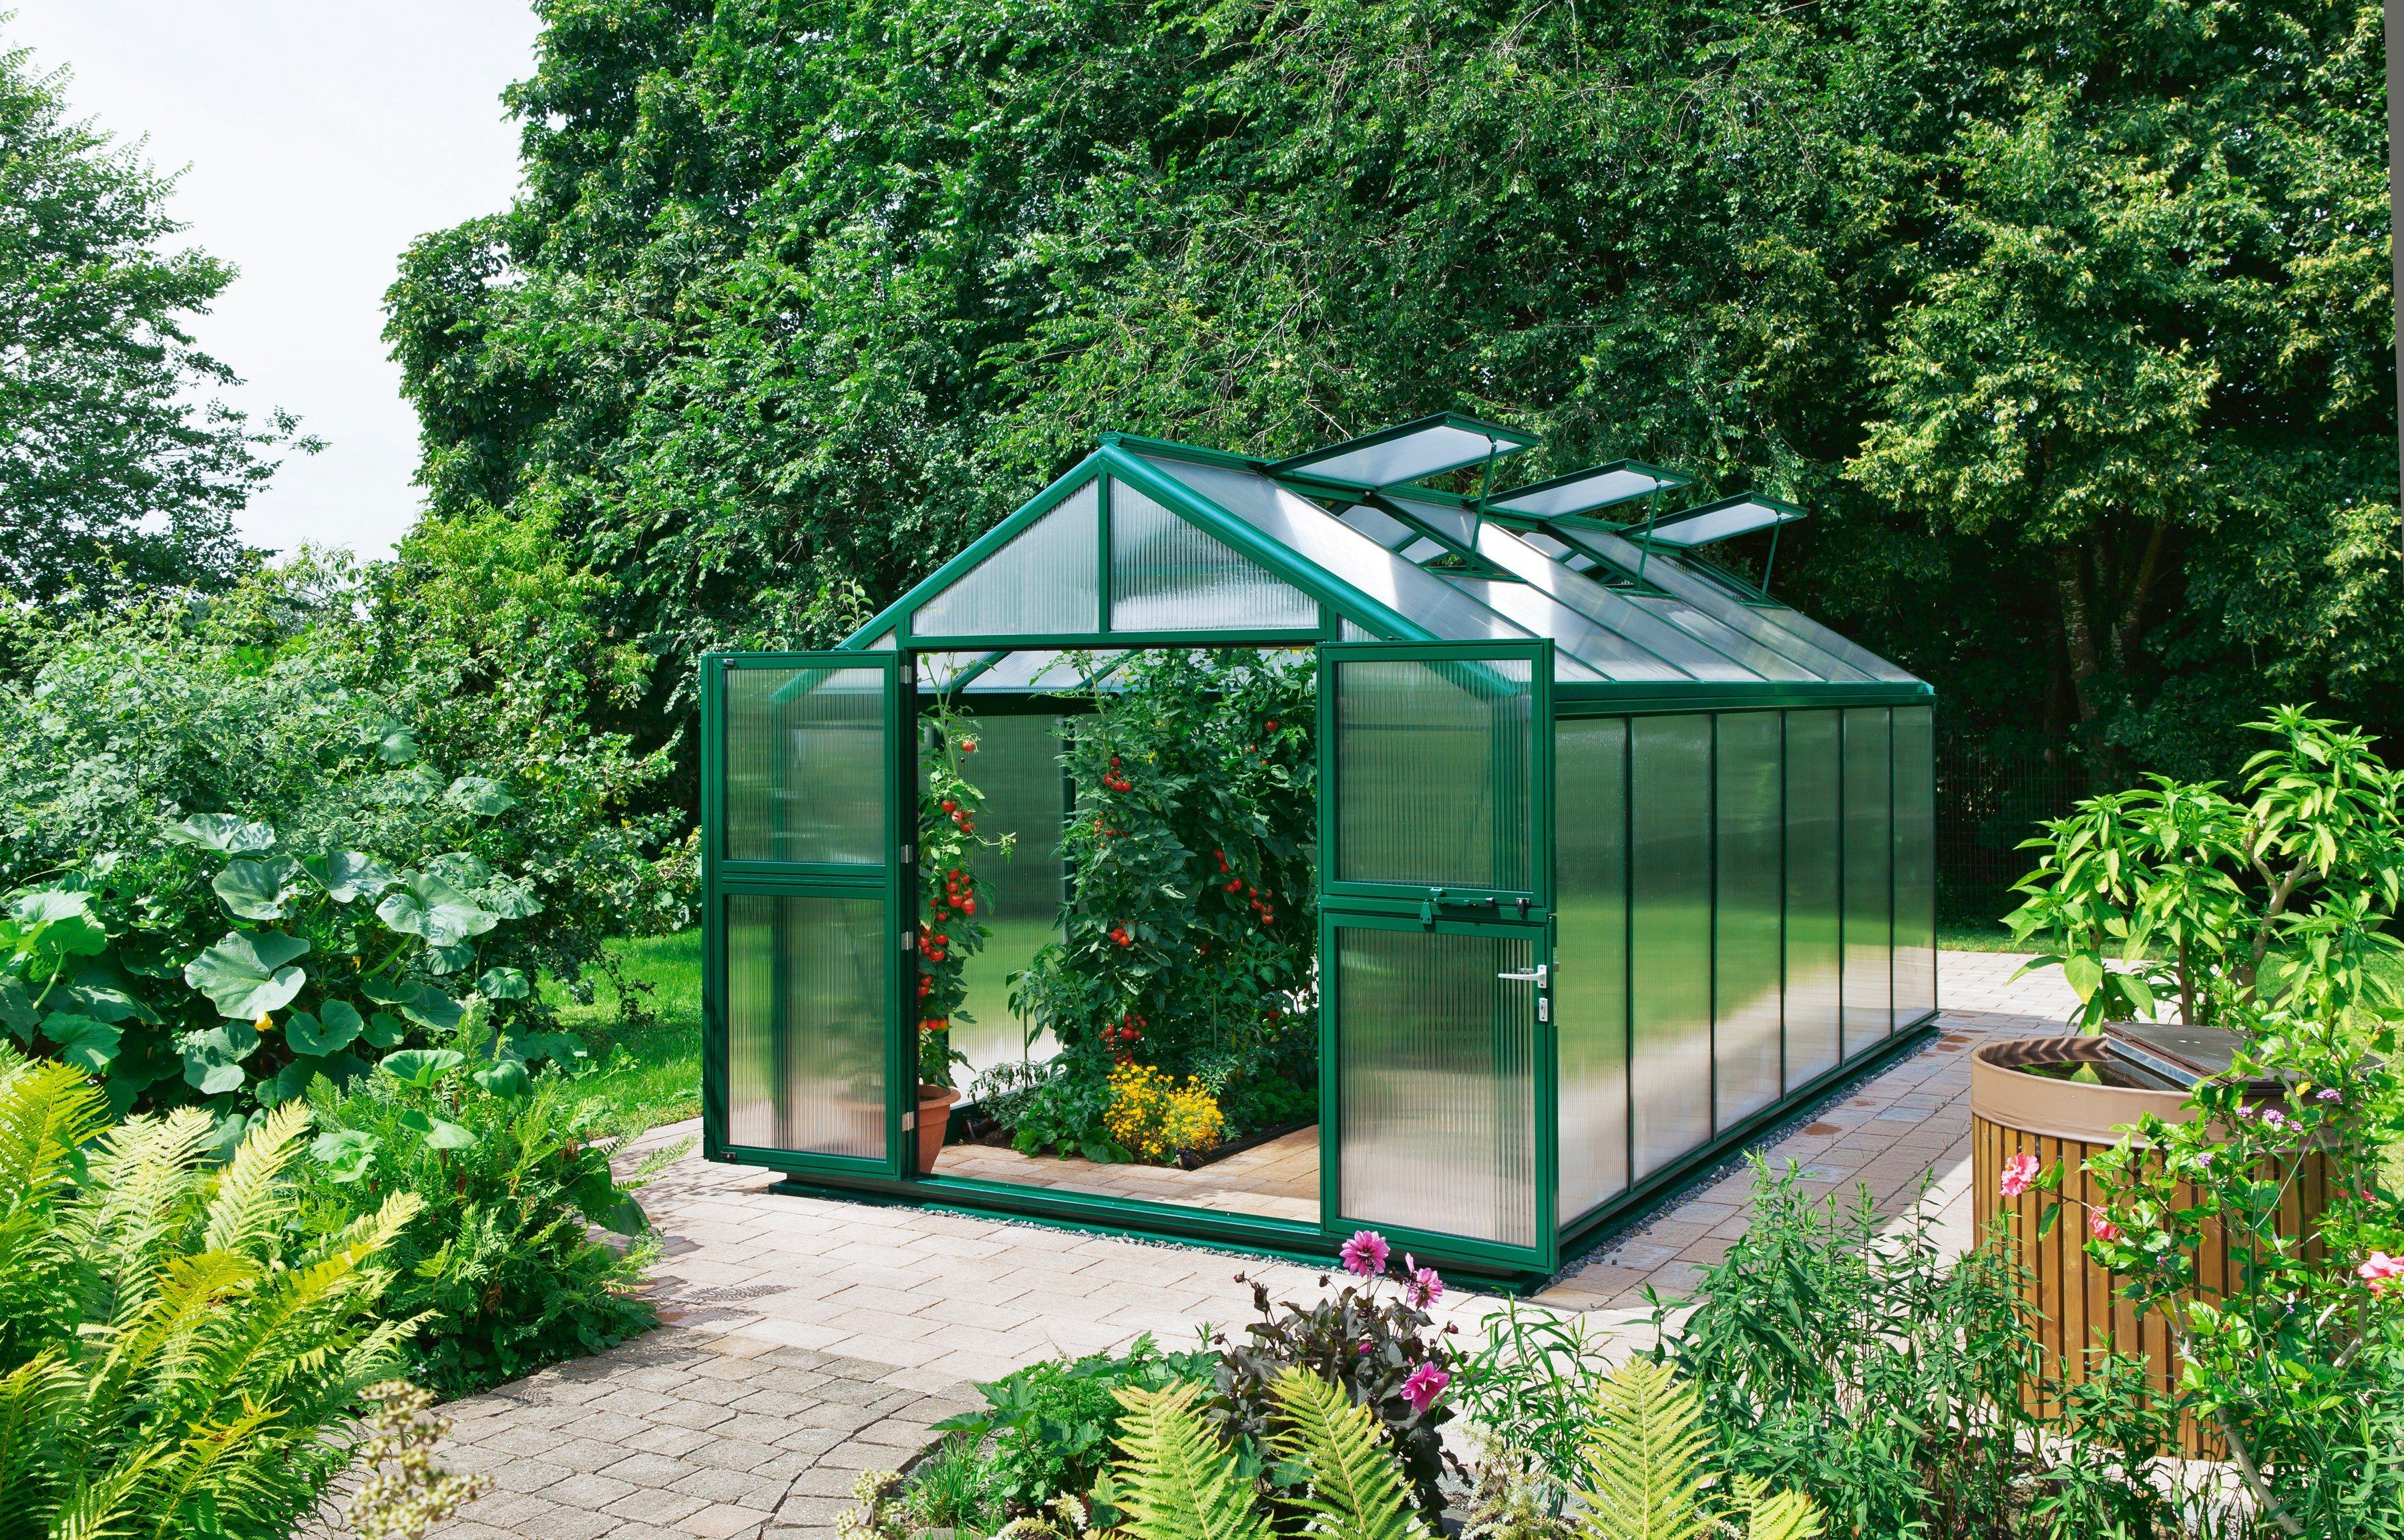 BECKMANN Gewächshaus »Allplanta 6 GE«, BxT: 300x409 cm, grün | Garten > Gewächshäuser | Beckmann